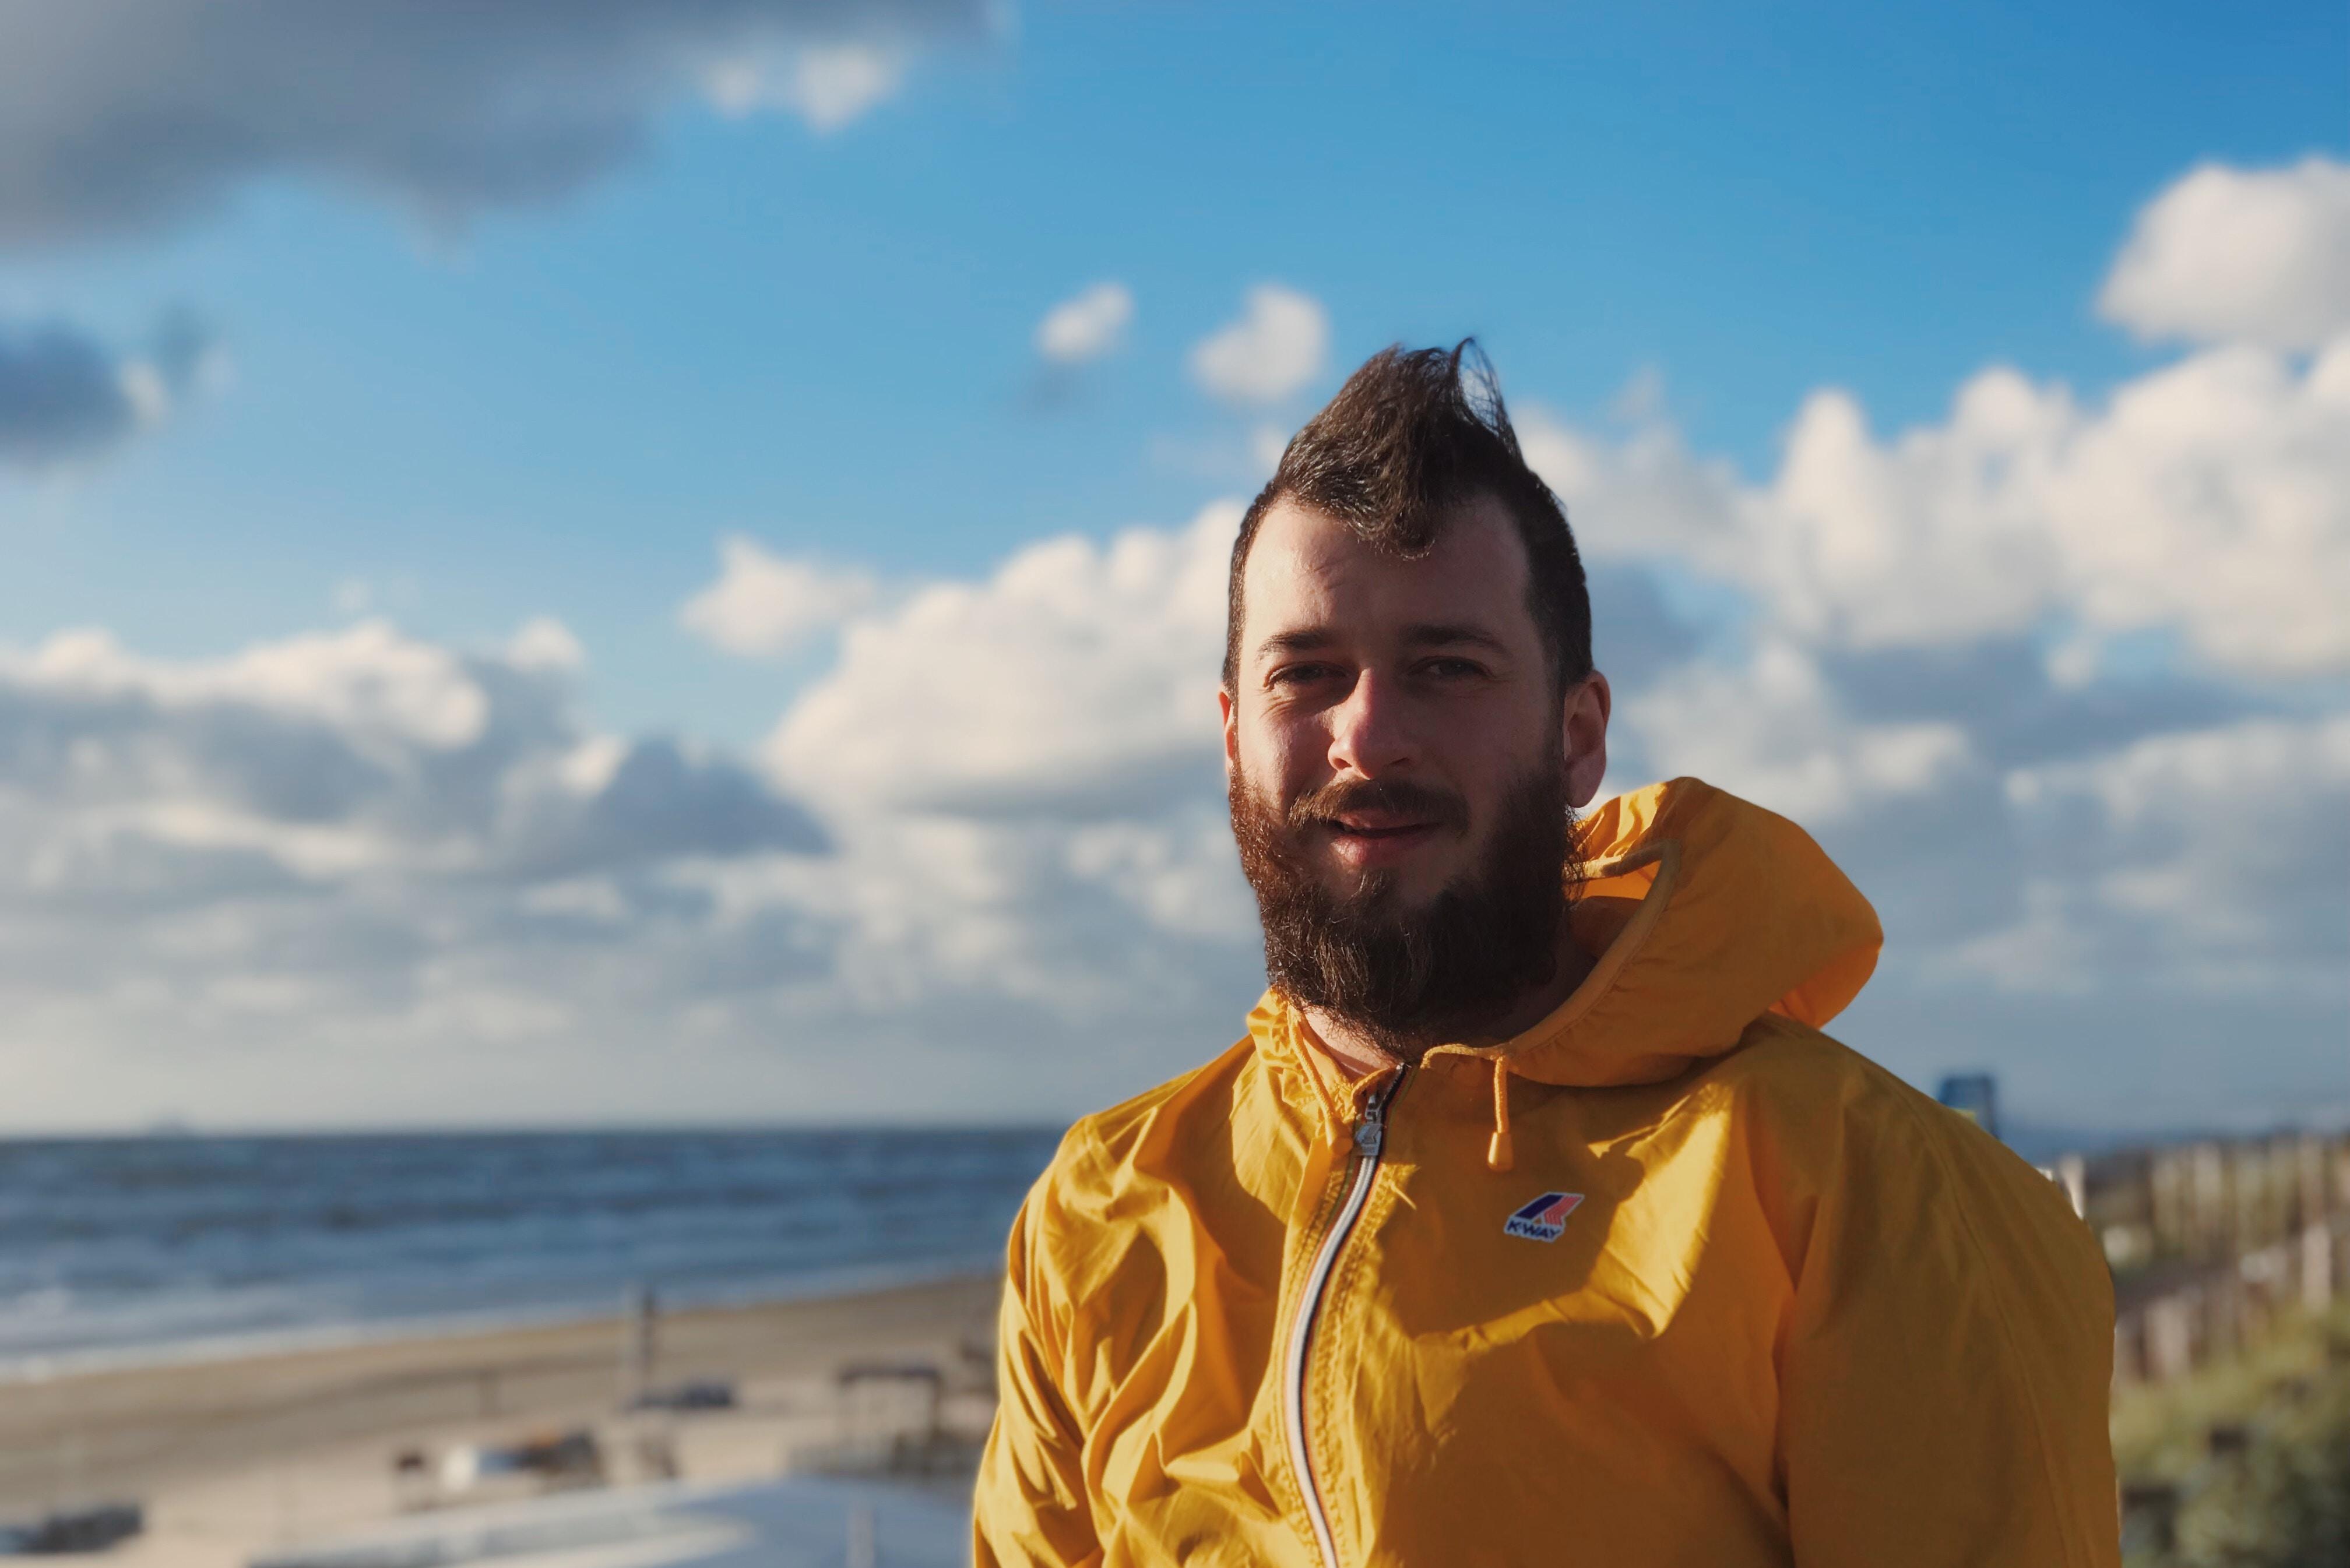 man wearing yellow zip-up jacket